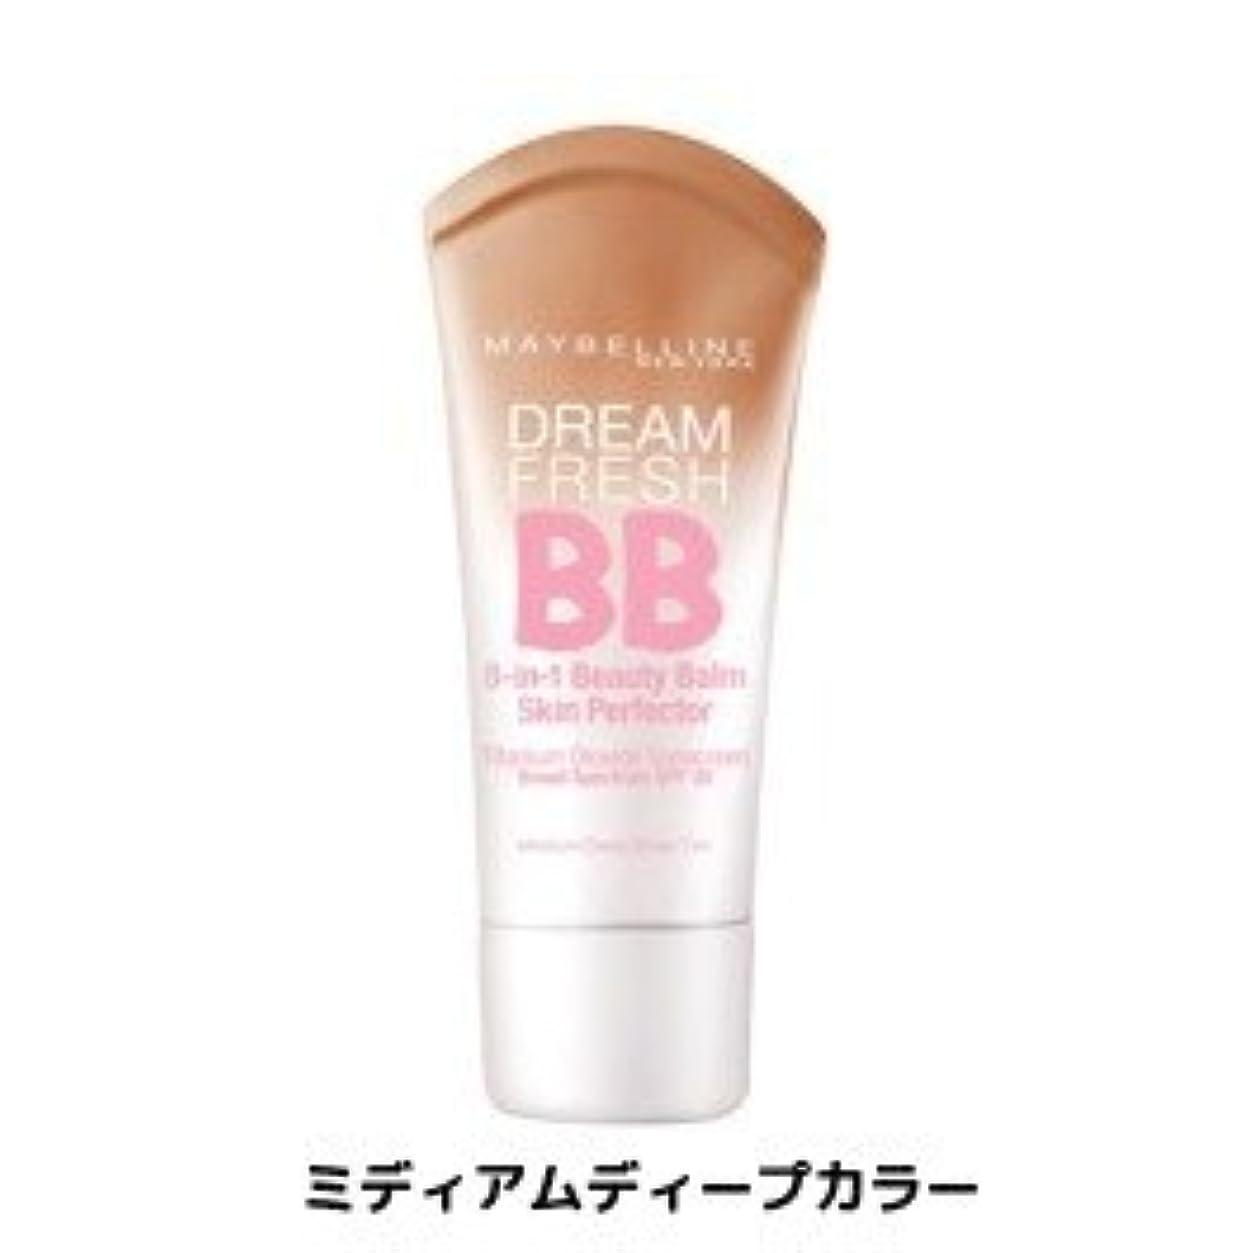 スタック南東ファイバメイベリン BBクリーム  SPF 30*Maybelline Dream Fresh BB Cream 30ml【平行輸入品】 (ミディアムディープカラー)